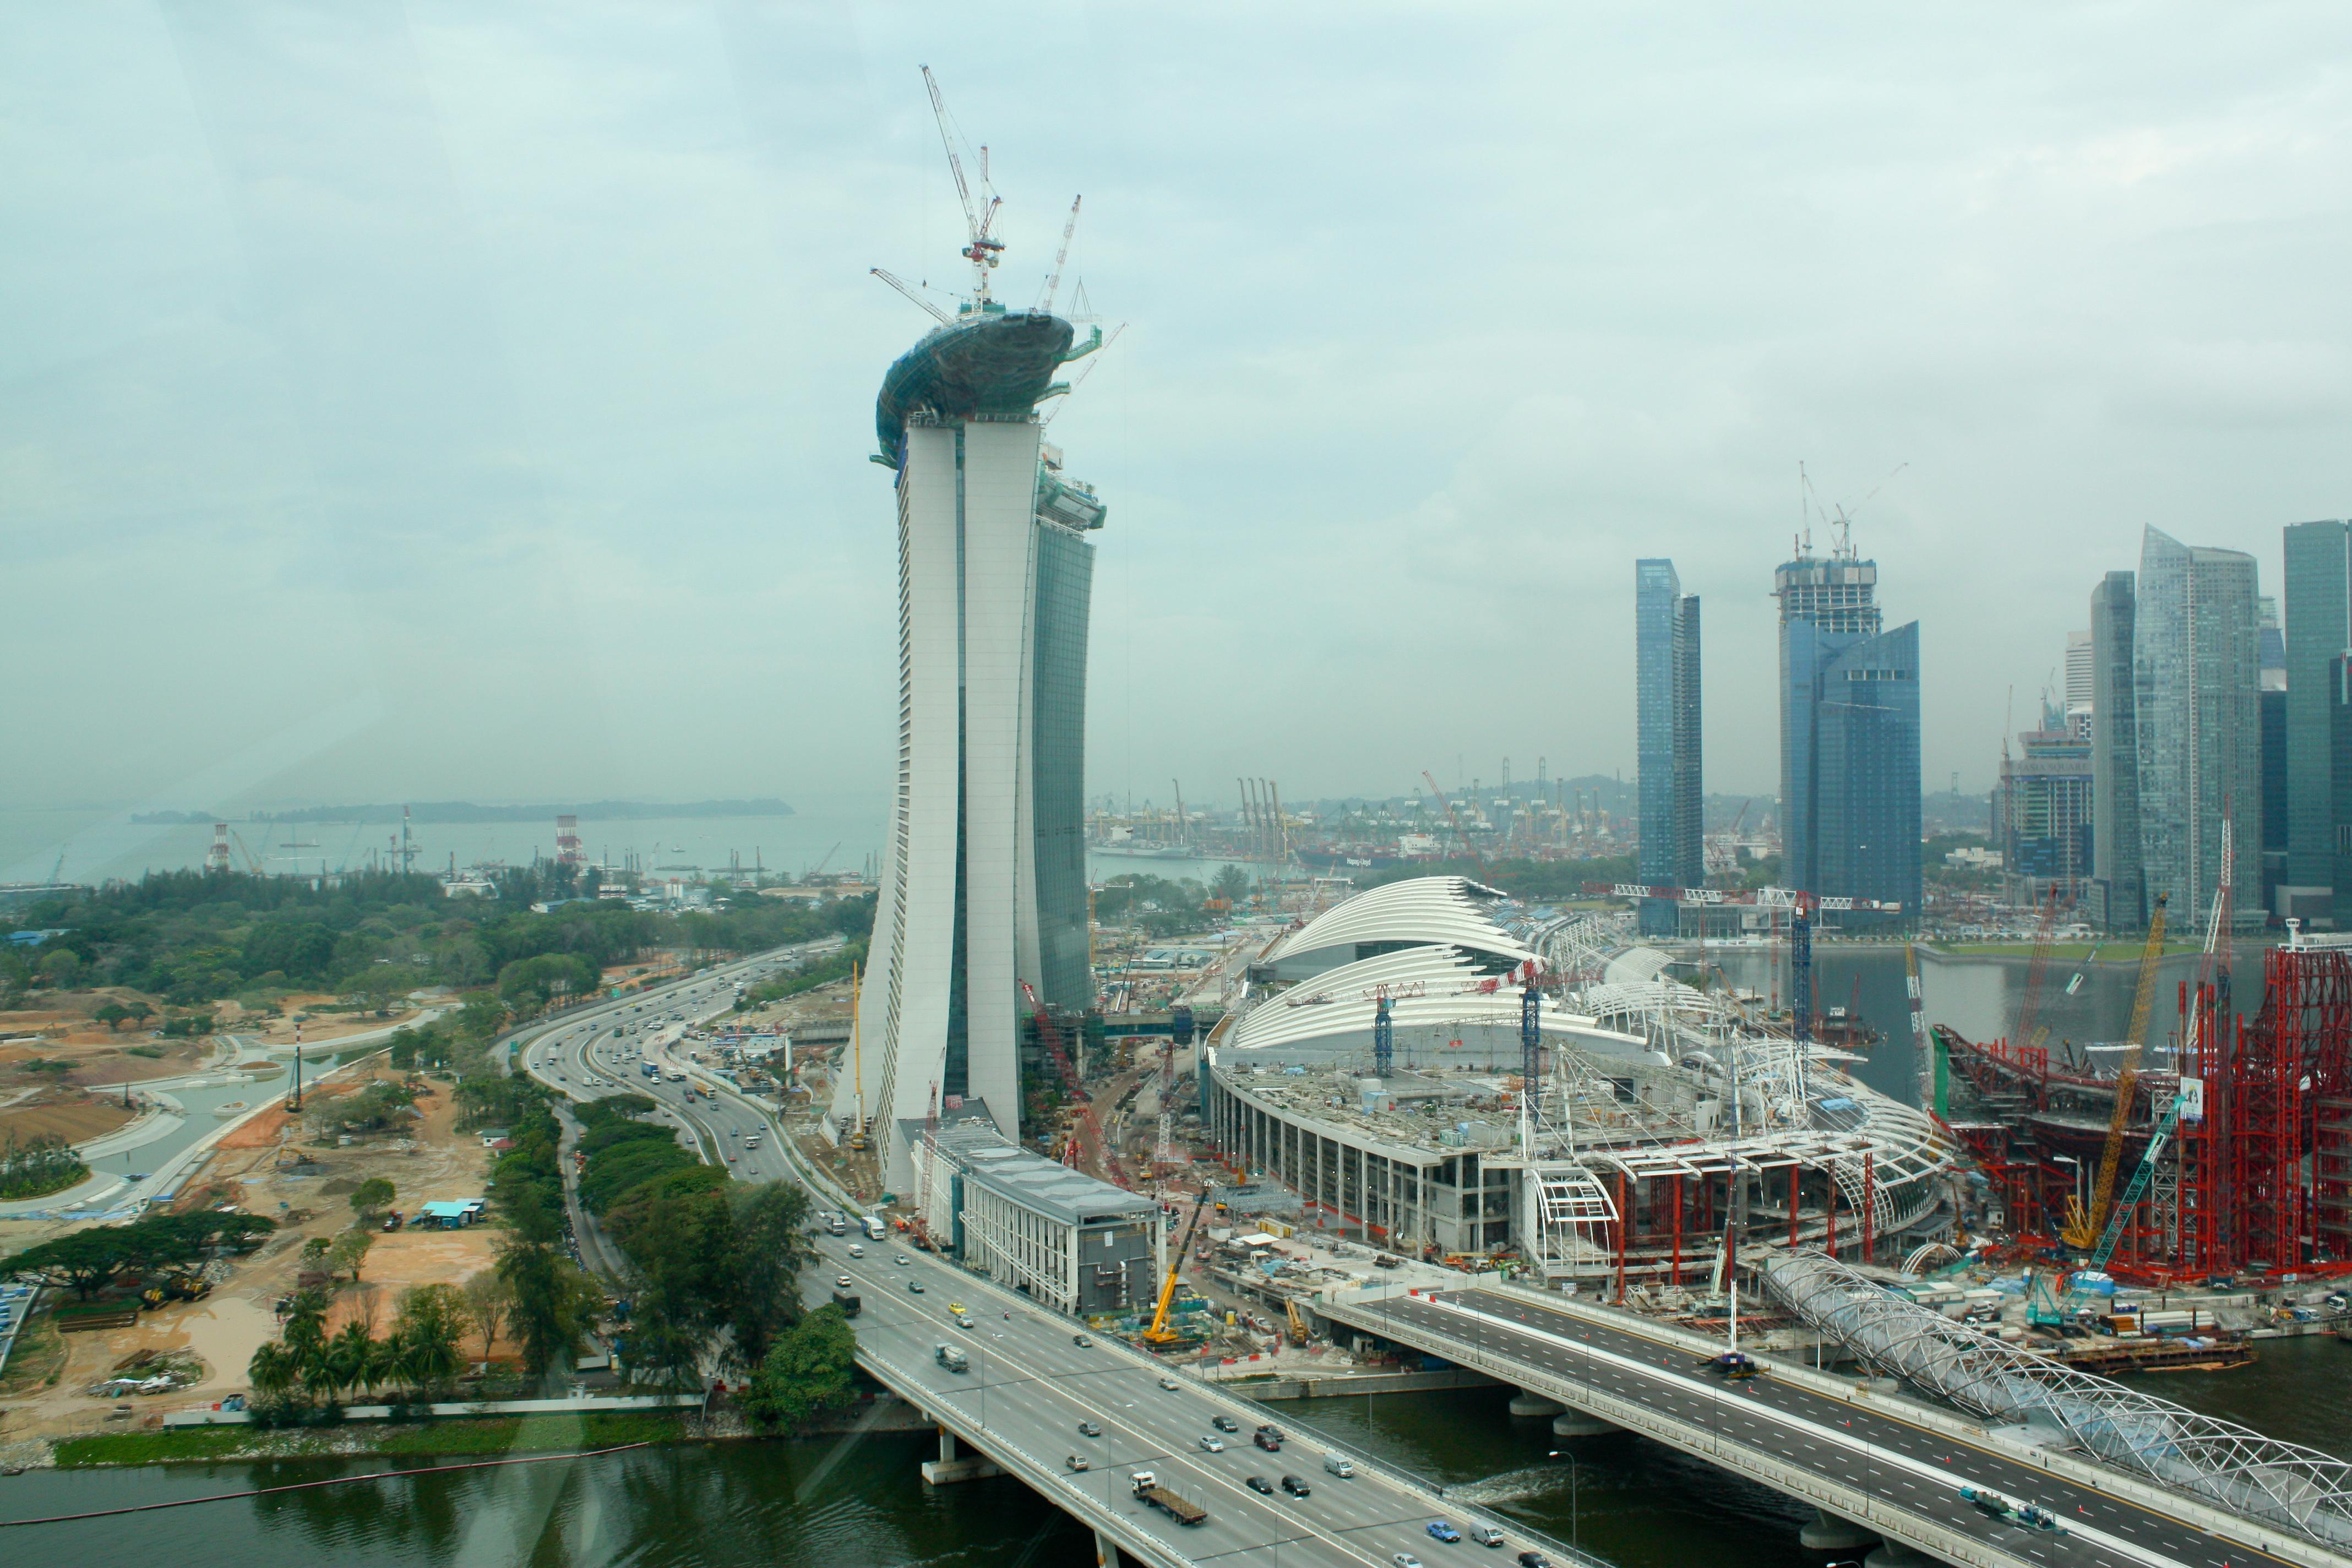 Marina Bay Sands (Resort) - 10 Bayfront Avenue (S)018956